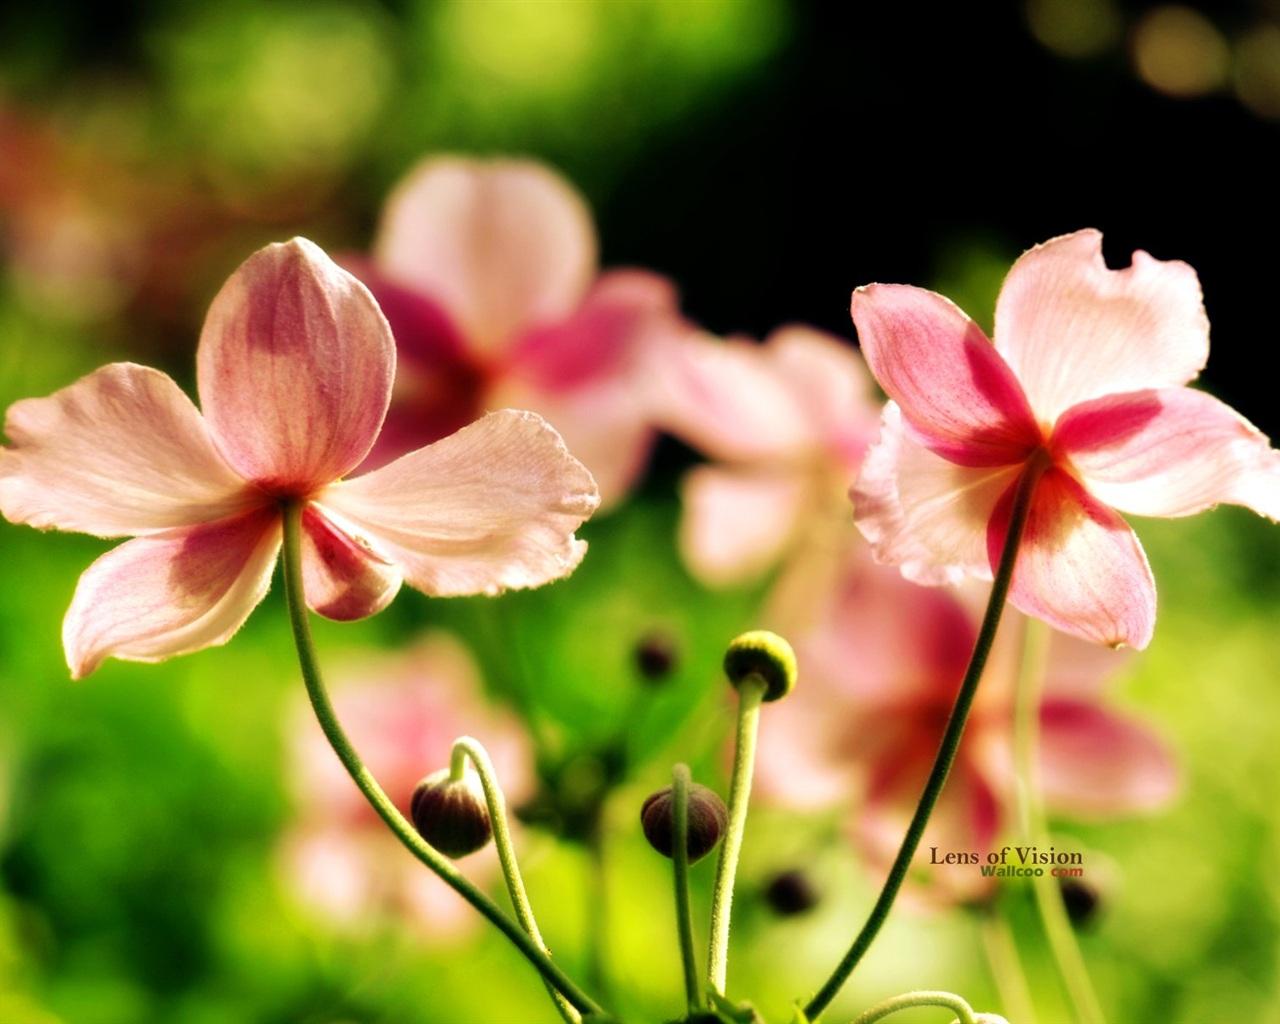 Цветы розовые полевые цветы обои 1280x1024